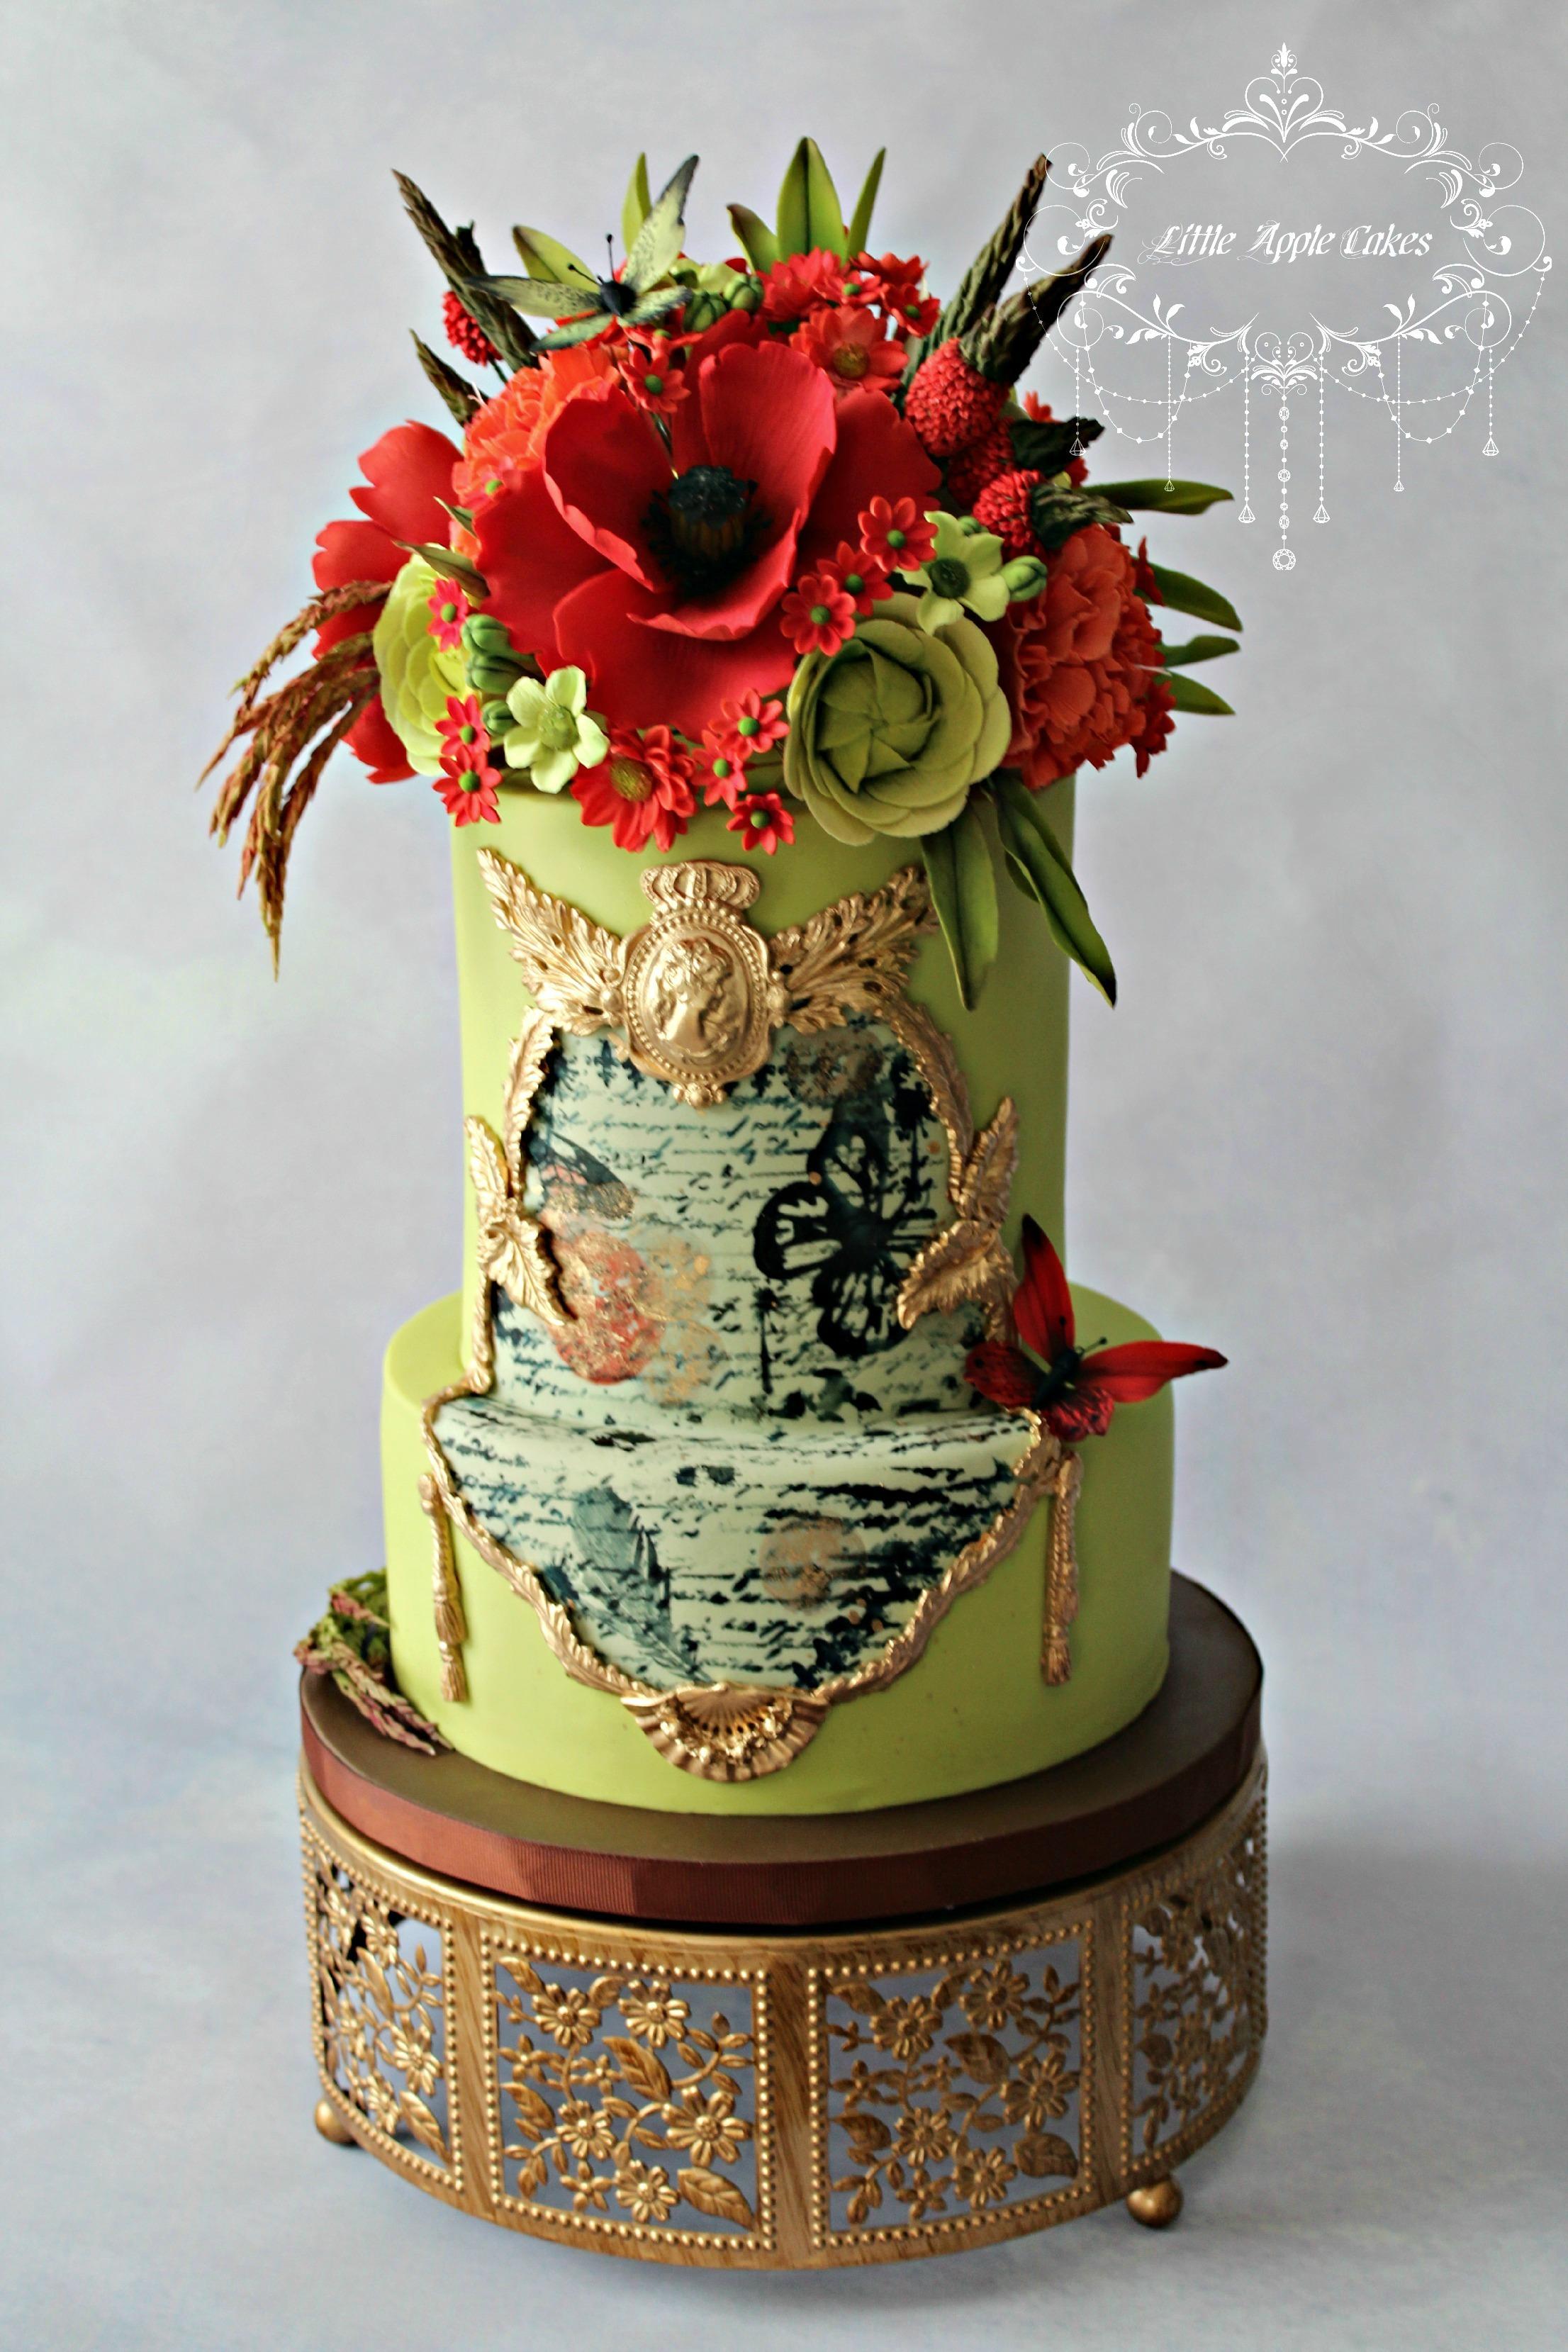 Selma-K.-Stanley-Little-Apple-Cakes-Wedding-Elegant-1.jpg#asset:12909